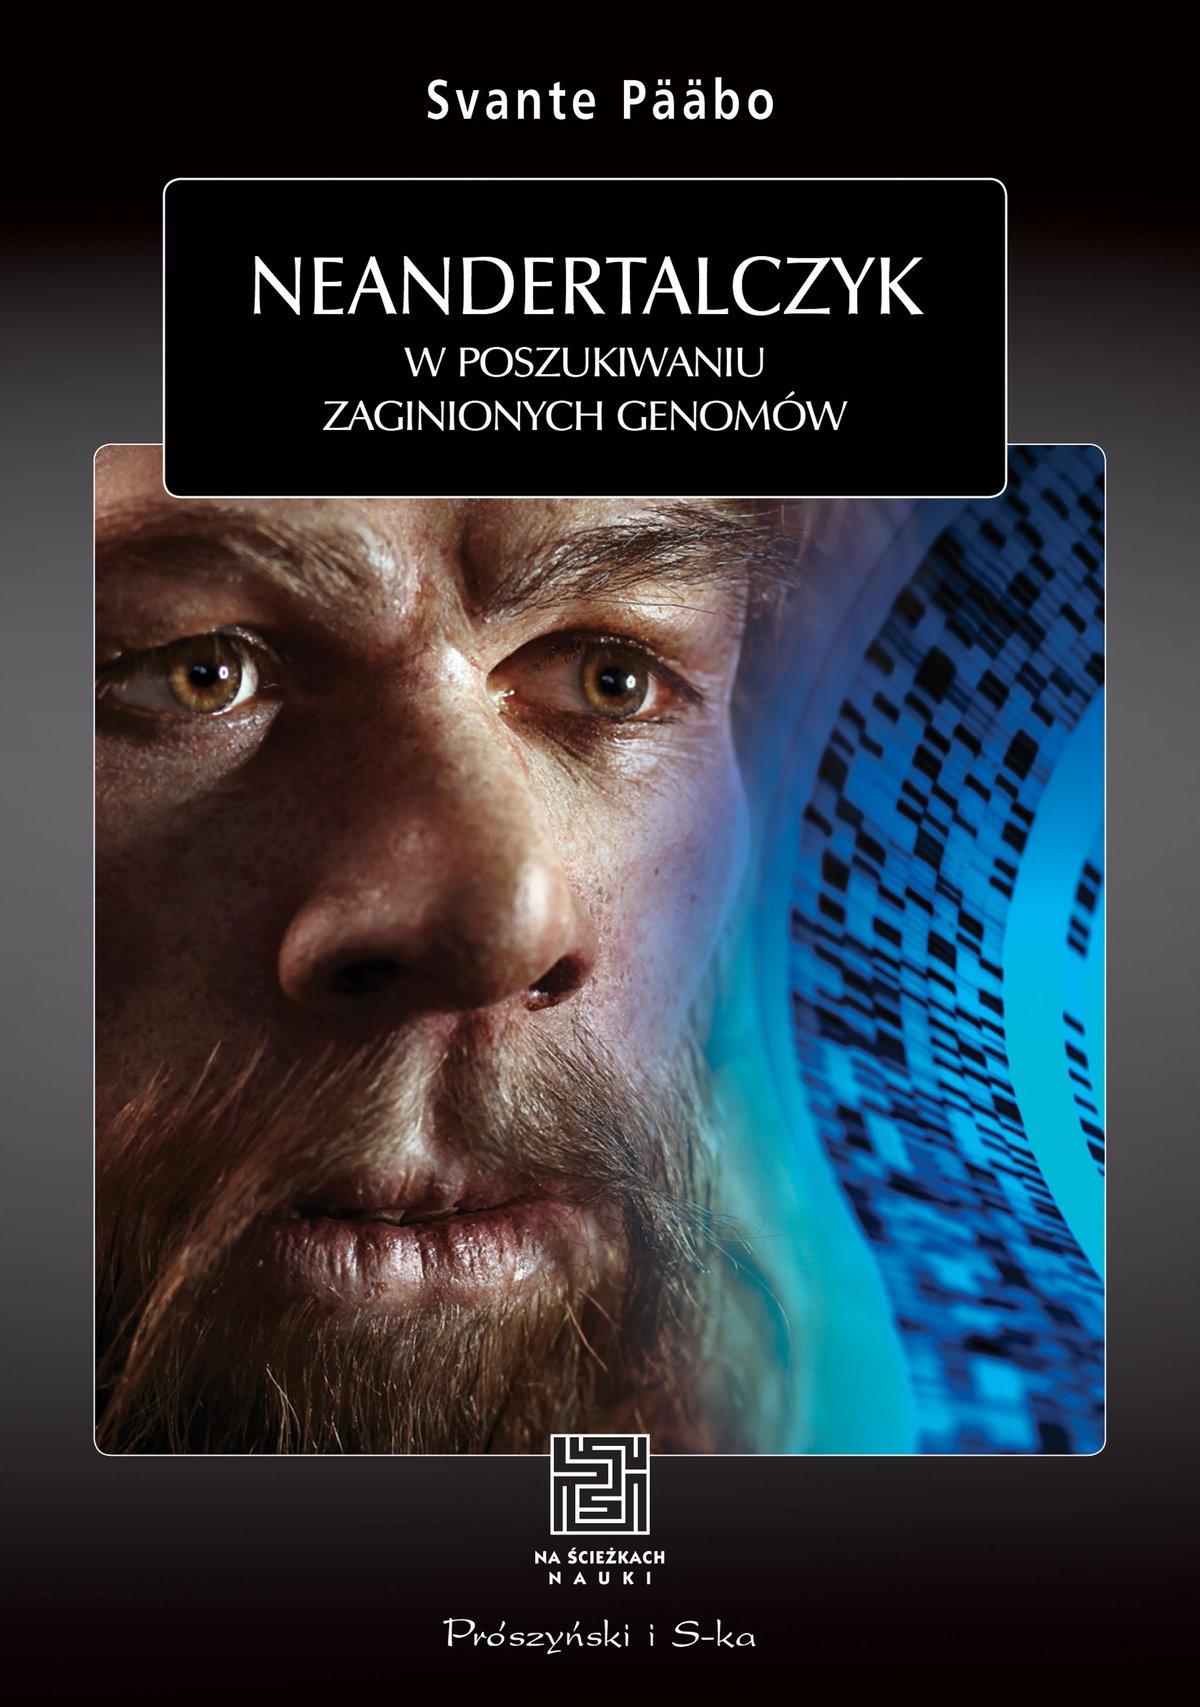 Neandertalczyk - Ebook (Książka na Kindle) do pobrania w formacie MOBI